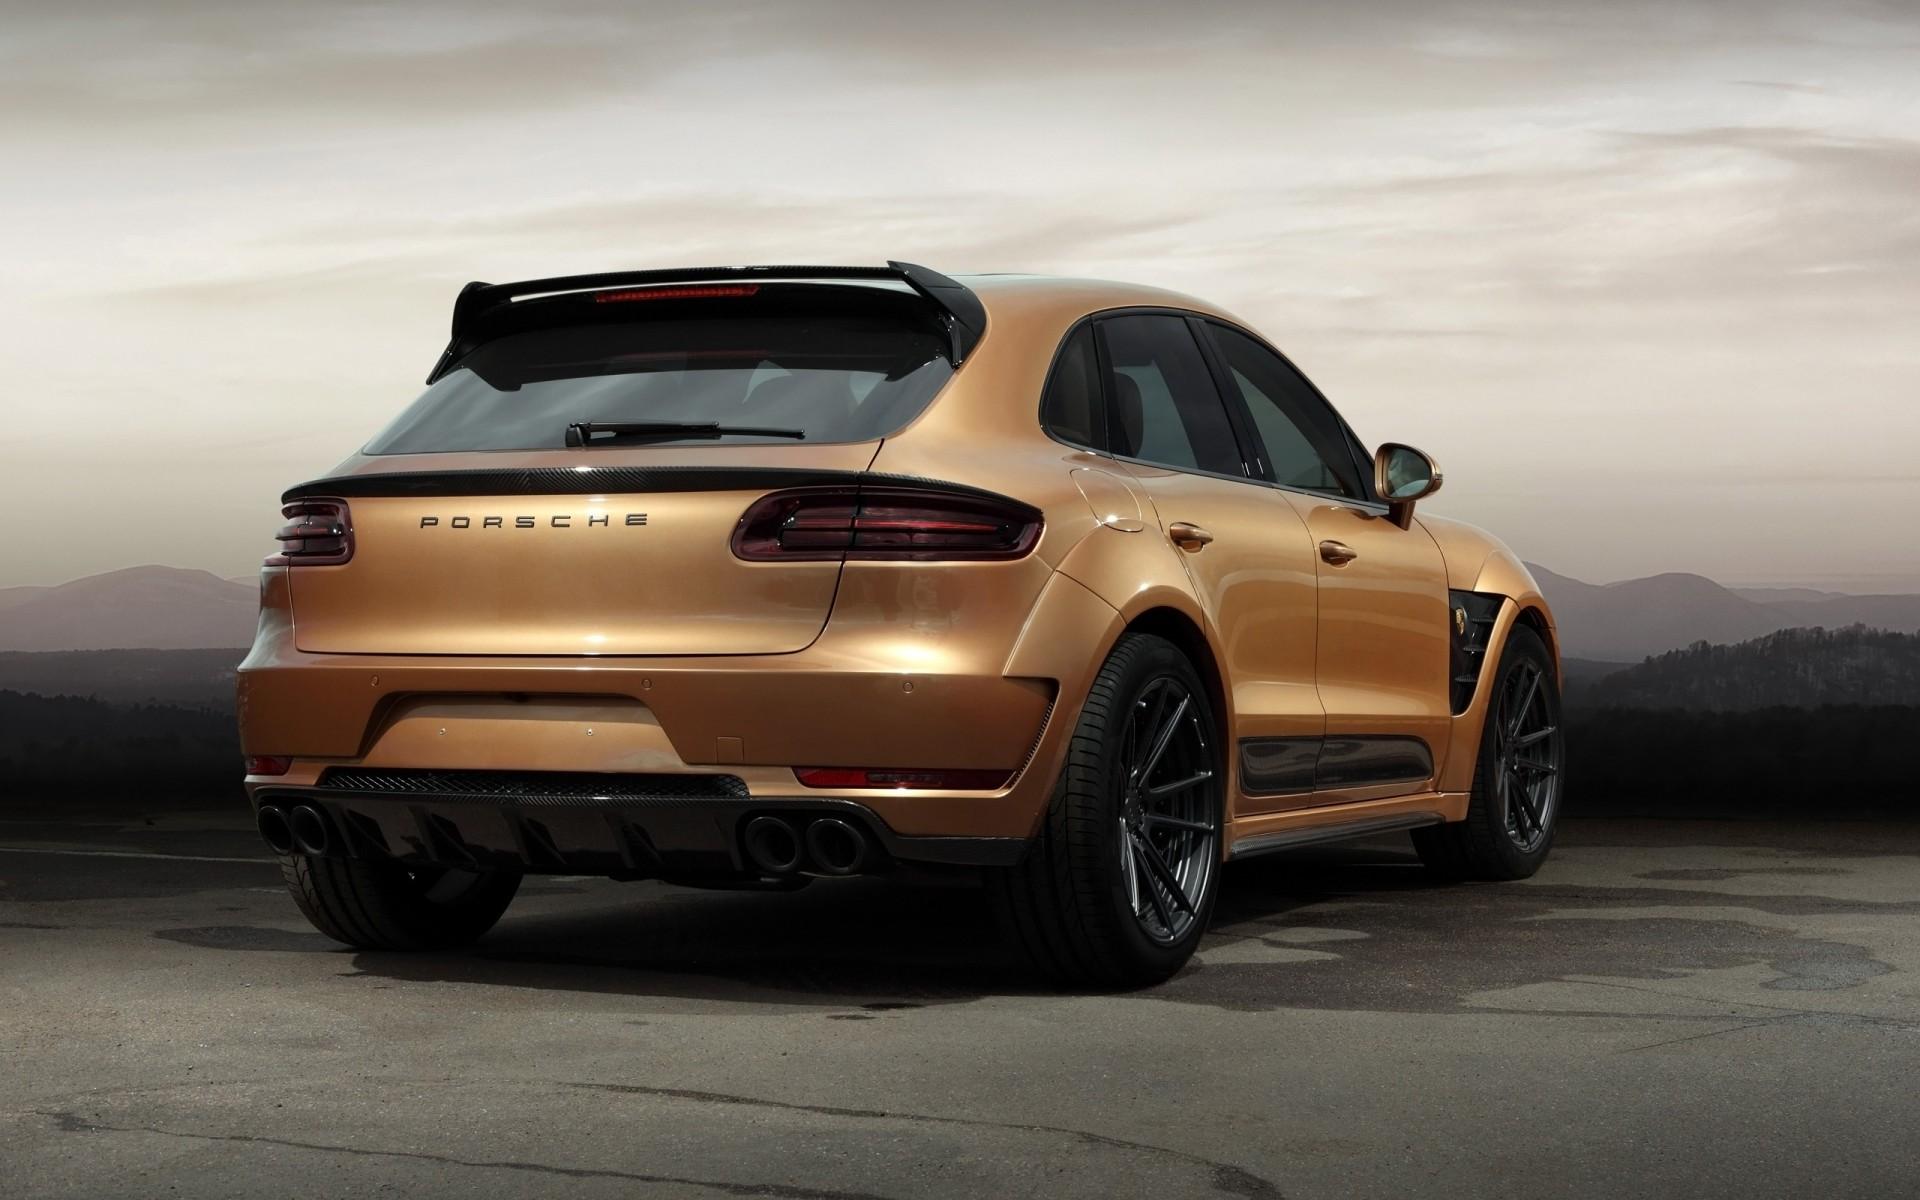 Porsche Macan S 2014 Wallpapers: 2015 TopCar Porsche Macan URSA Aurum 2 Wallpaper